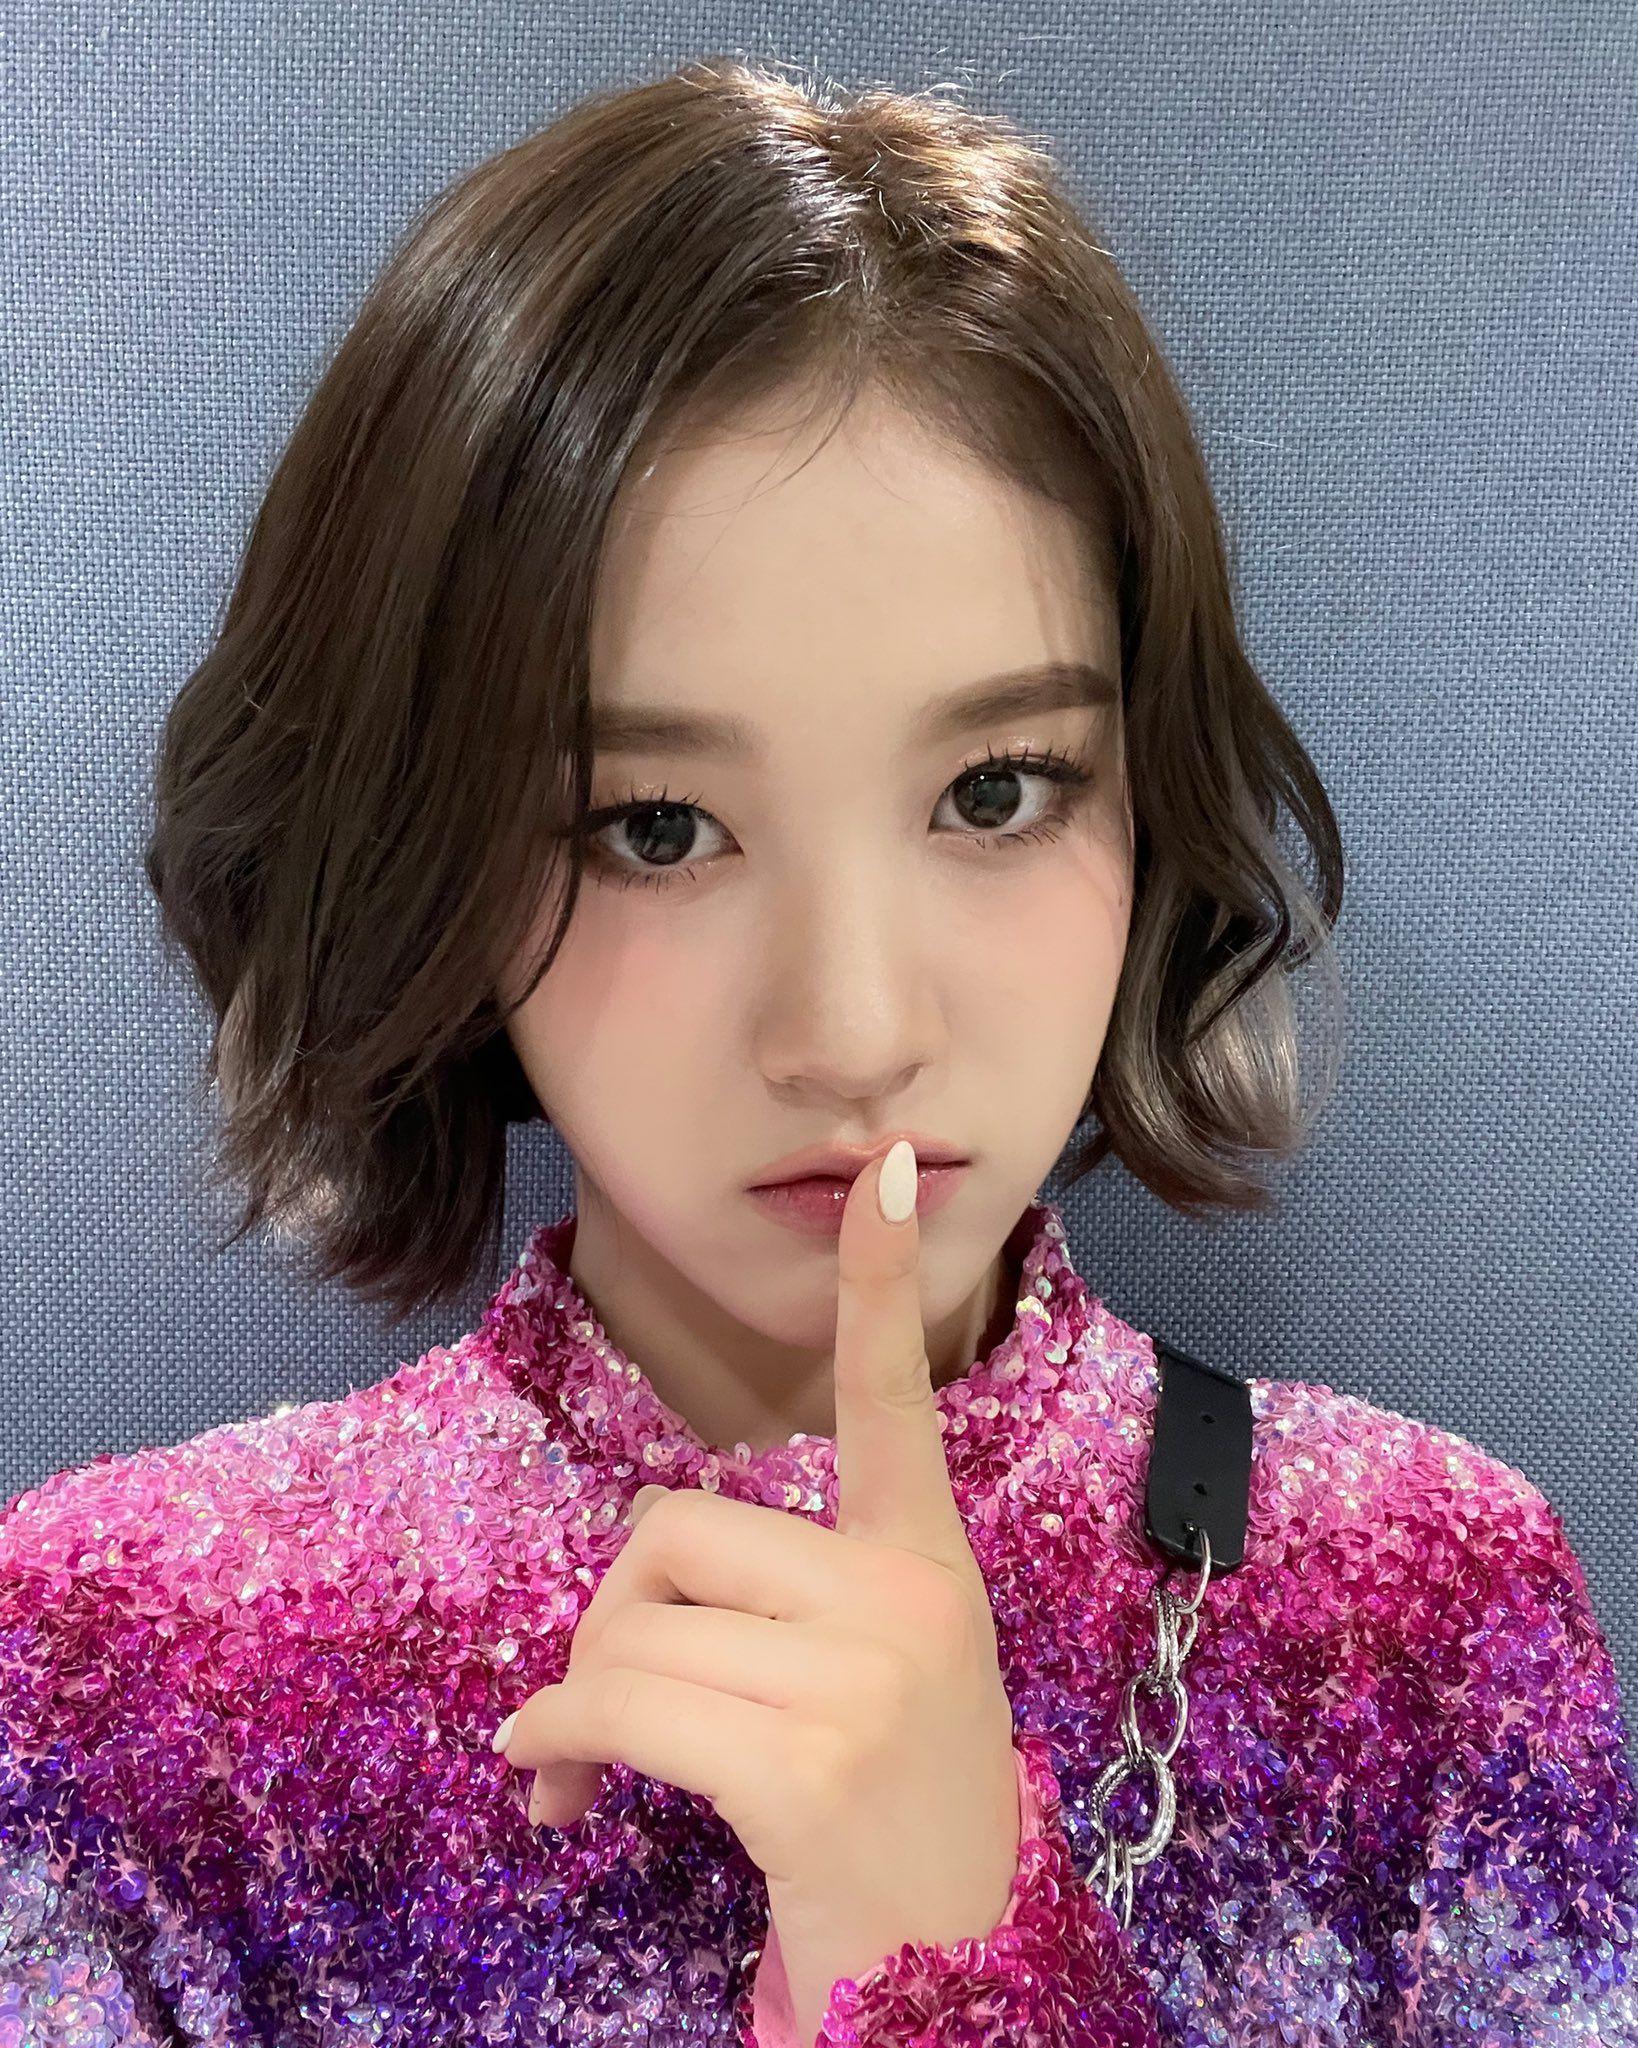 Dân Hàn khen em út STAYC là tiểu Yoona vì giống cả mặt cả style nhưng dân Việt lại phản đối cực gắt - Ảnh 4.